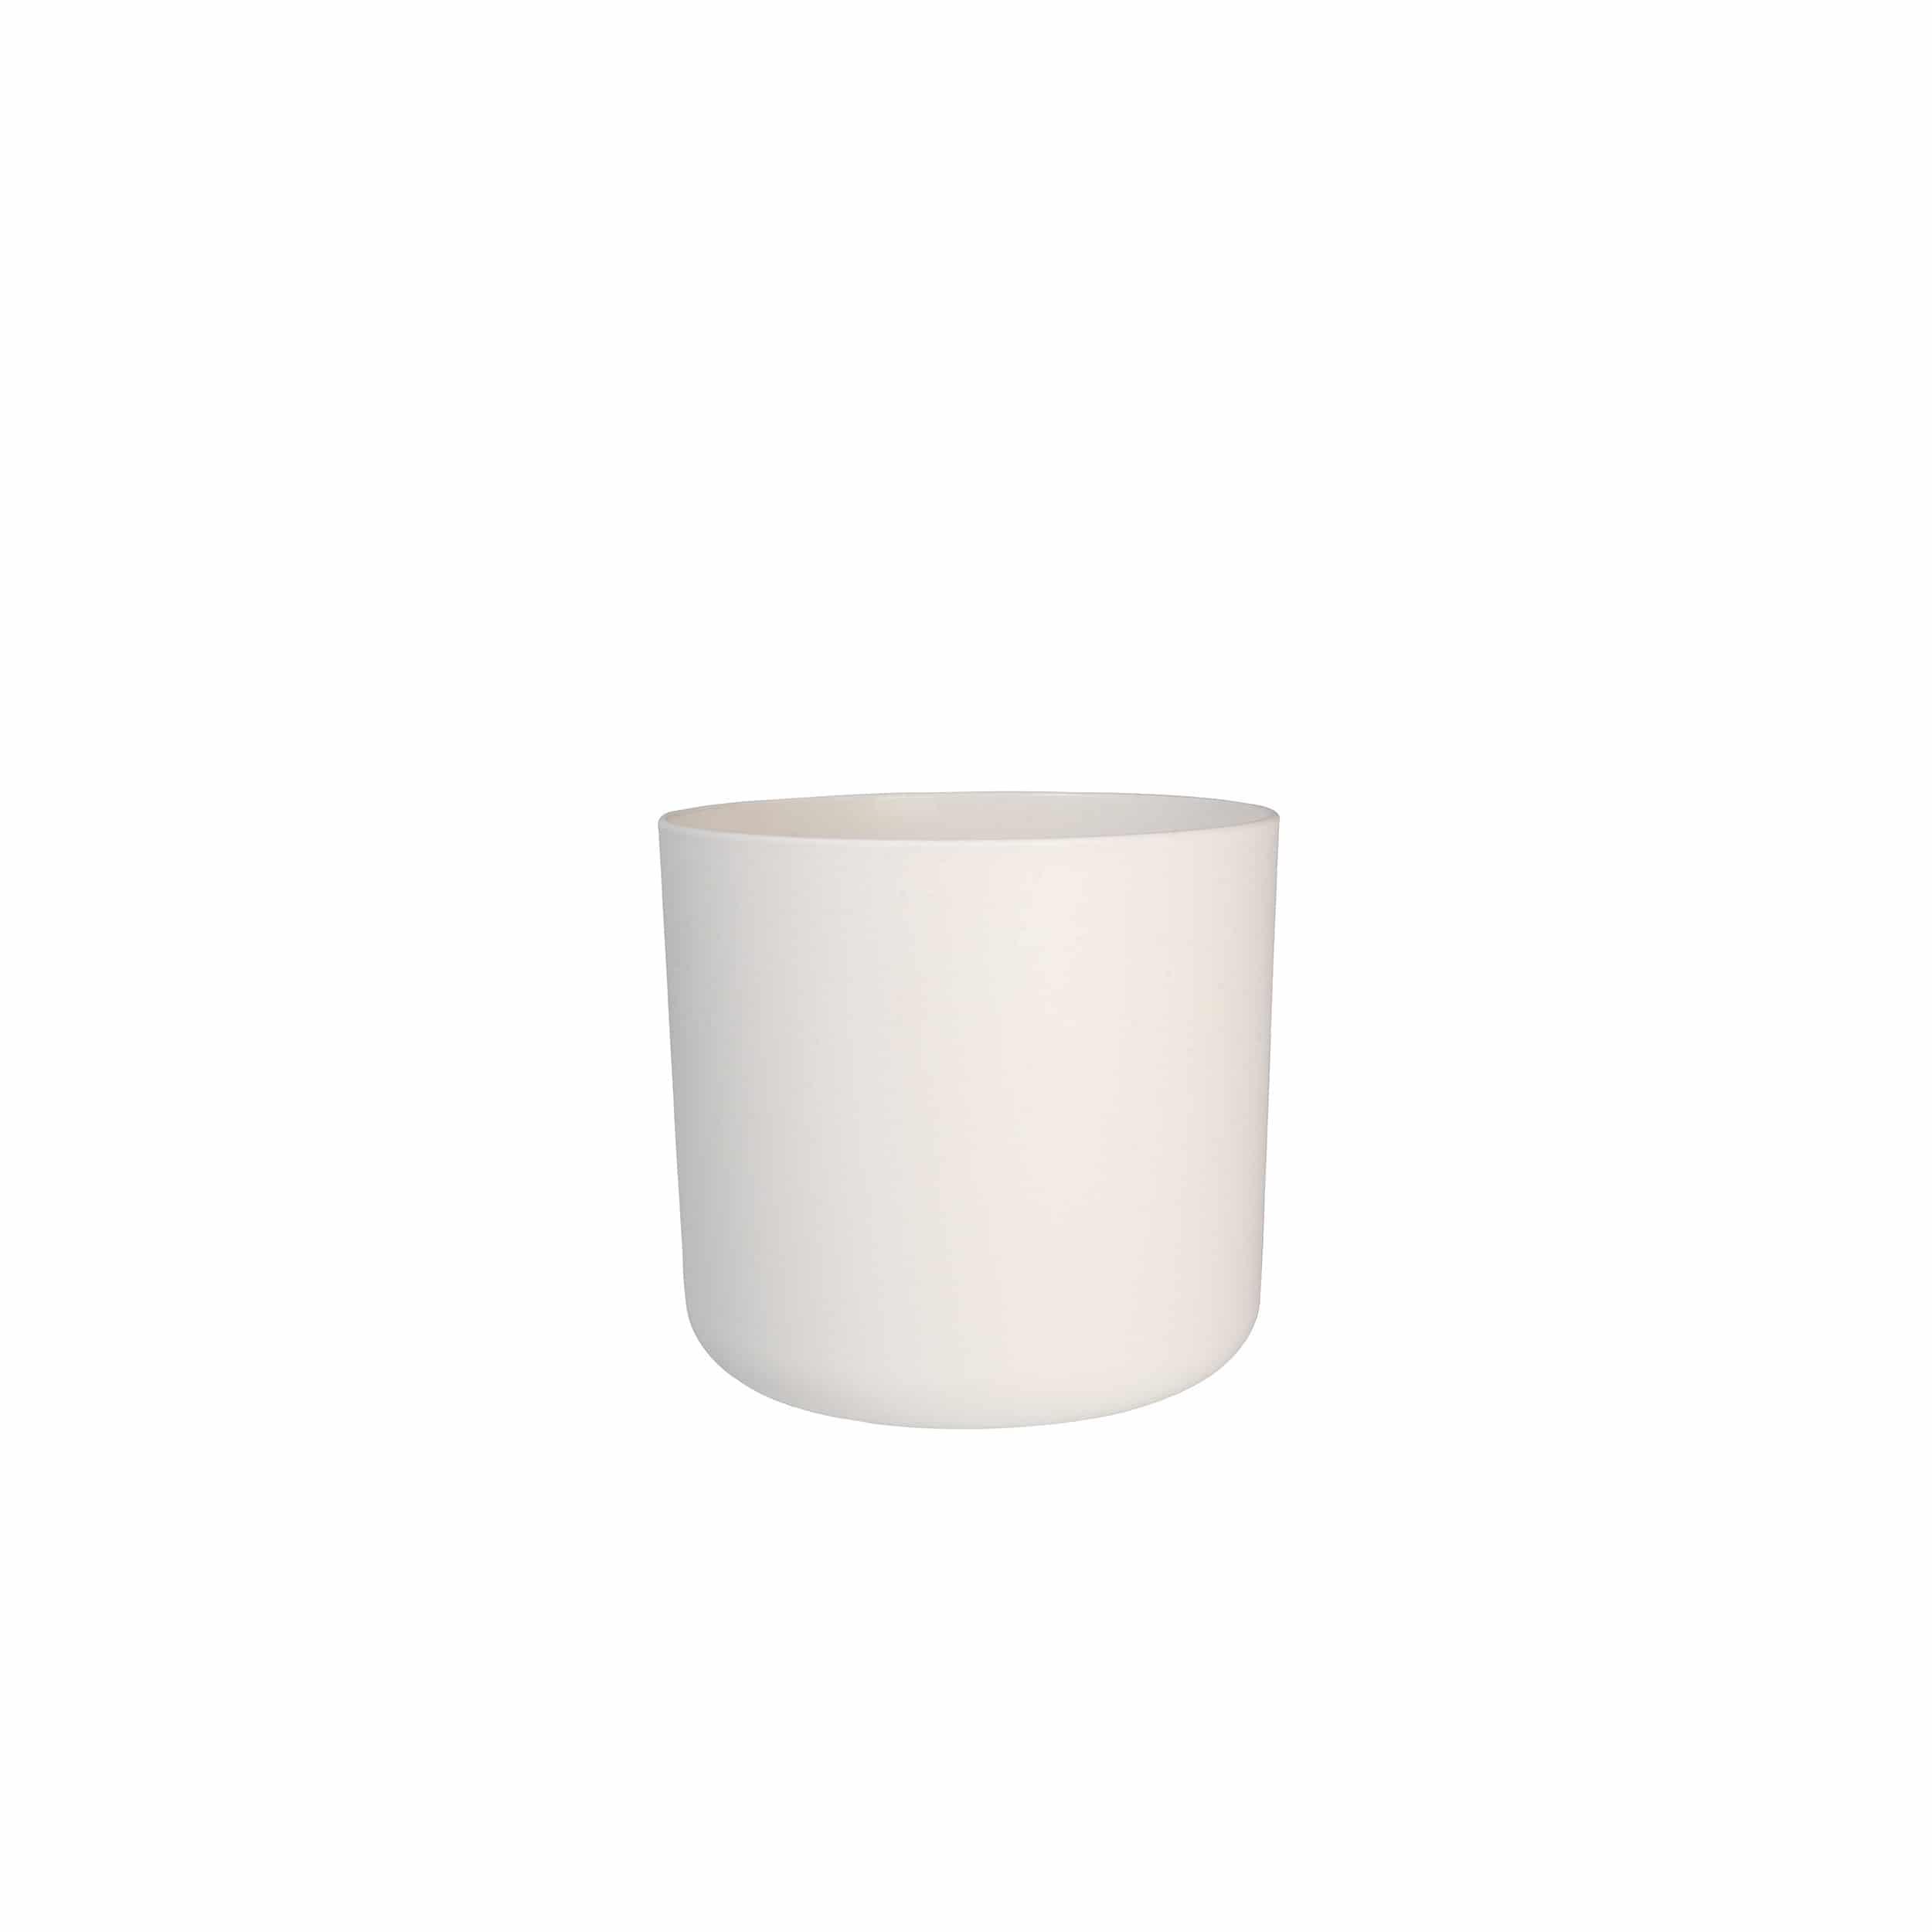 Blumentopf B.for soft rund D14cm weiß